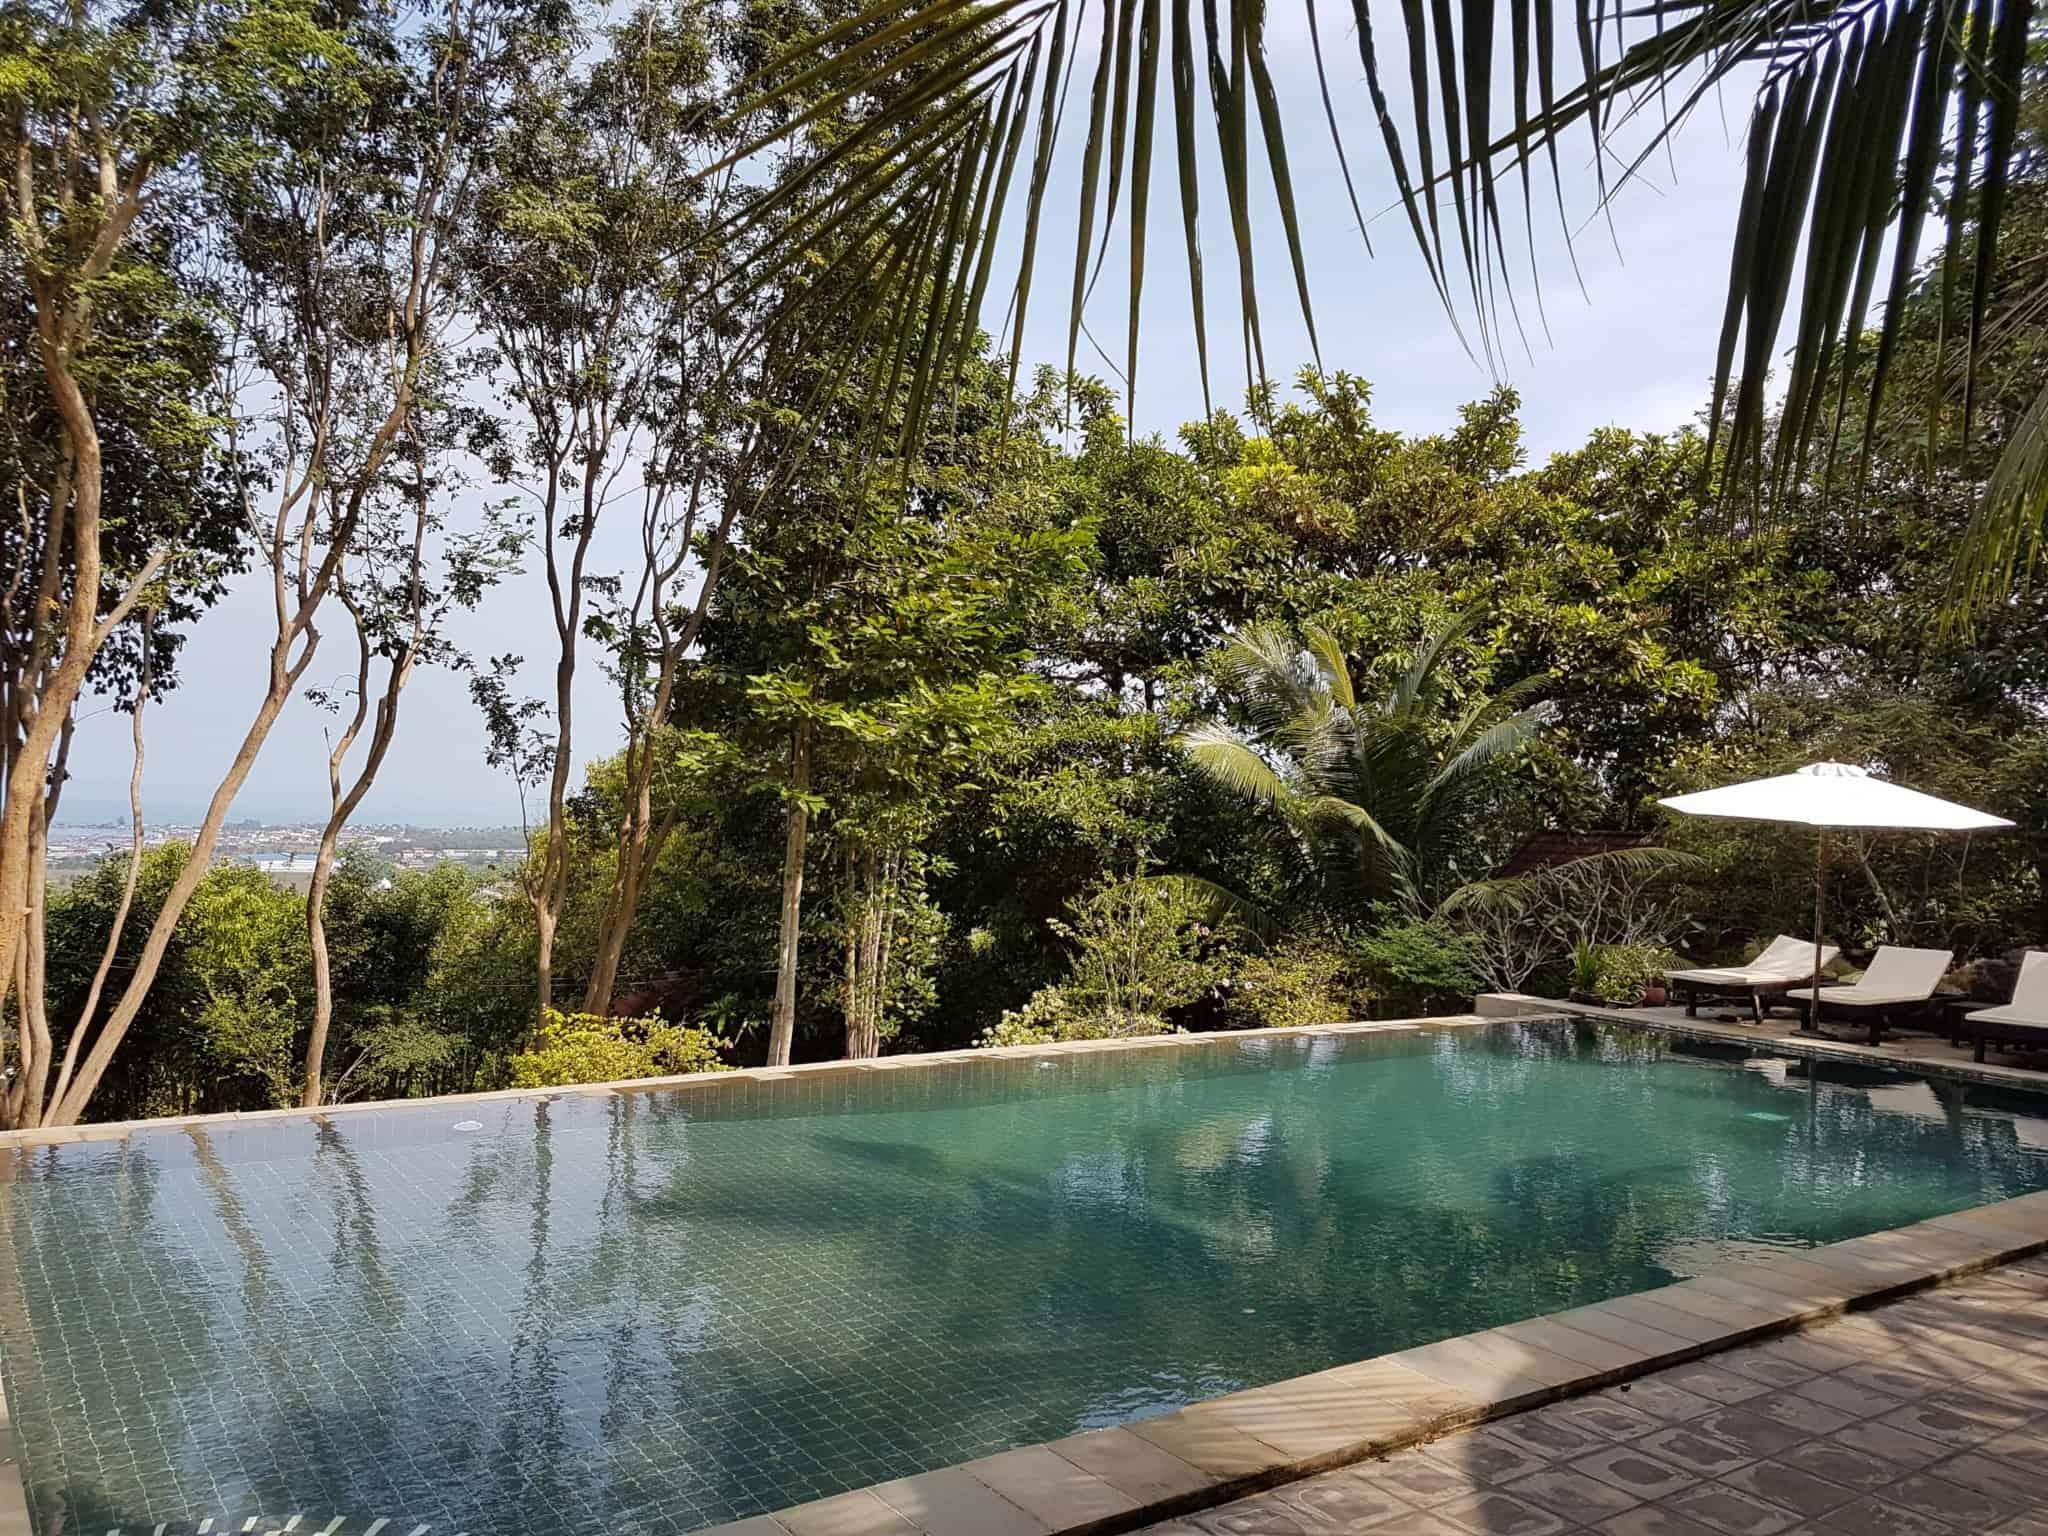 Cambodge, 4 jours au paradis dans le plus bel hôtel de Sihanoukville 😍 7